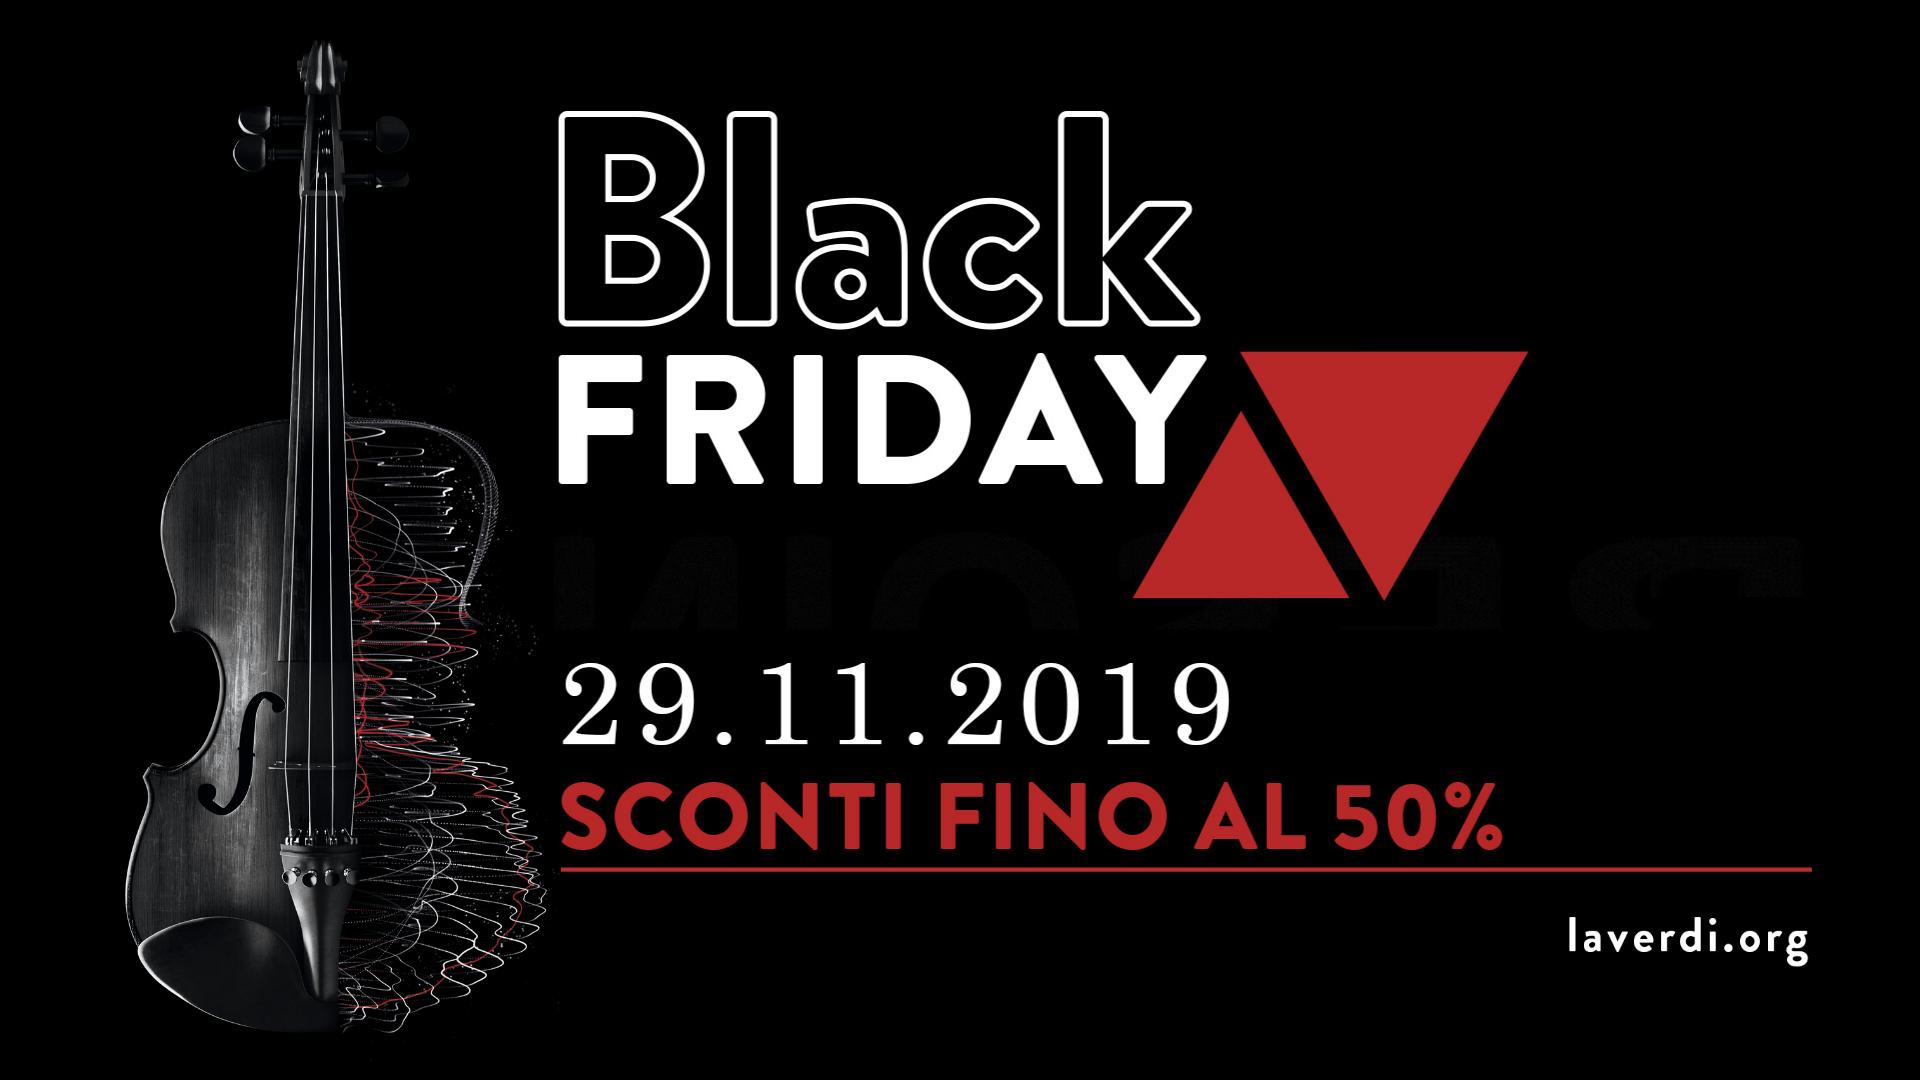 , Black Friday speciali: no code, no shopping, solo note e parole per i neuroni al Pacta Teatro, a laVerdi e all'Elfo